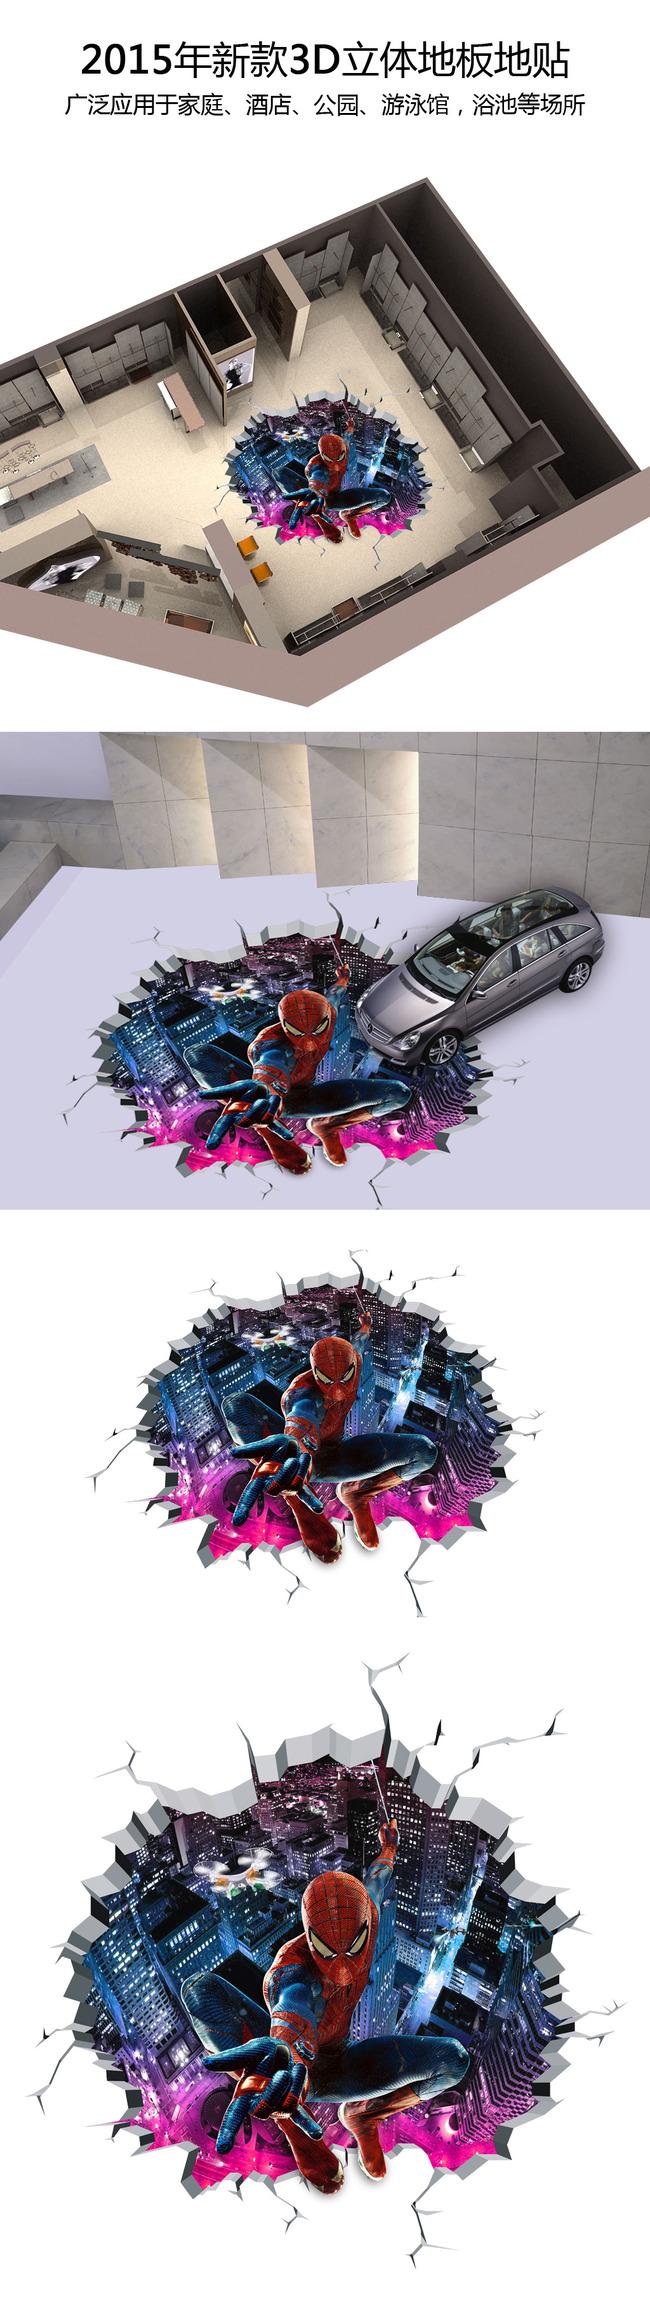 3d立体画蜘蛛侠地贴地画